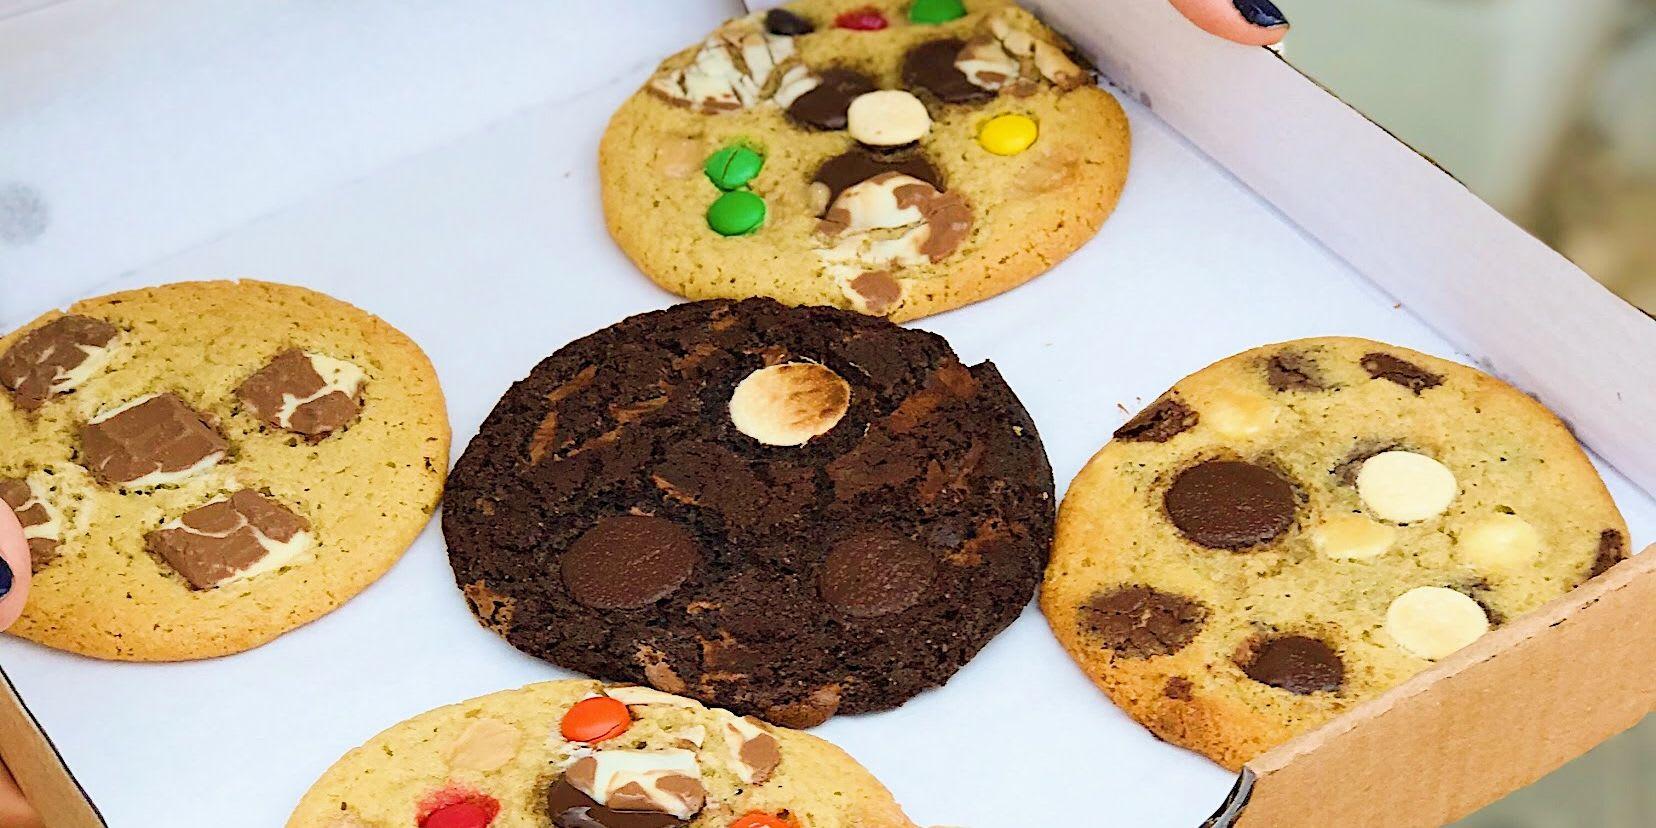 מנהל סניף, מנהלי משמרת ושליחים ל night cookie